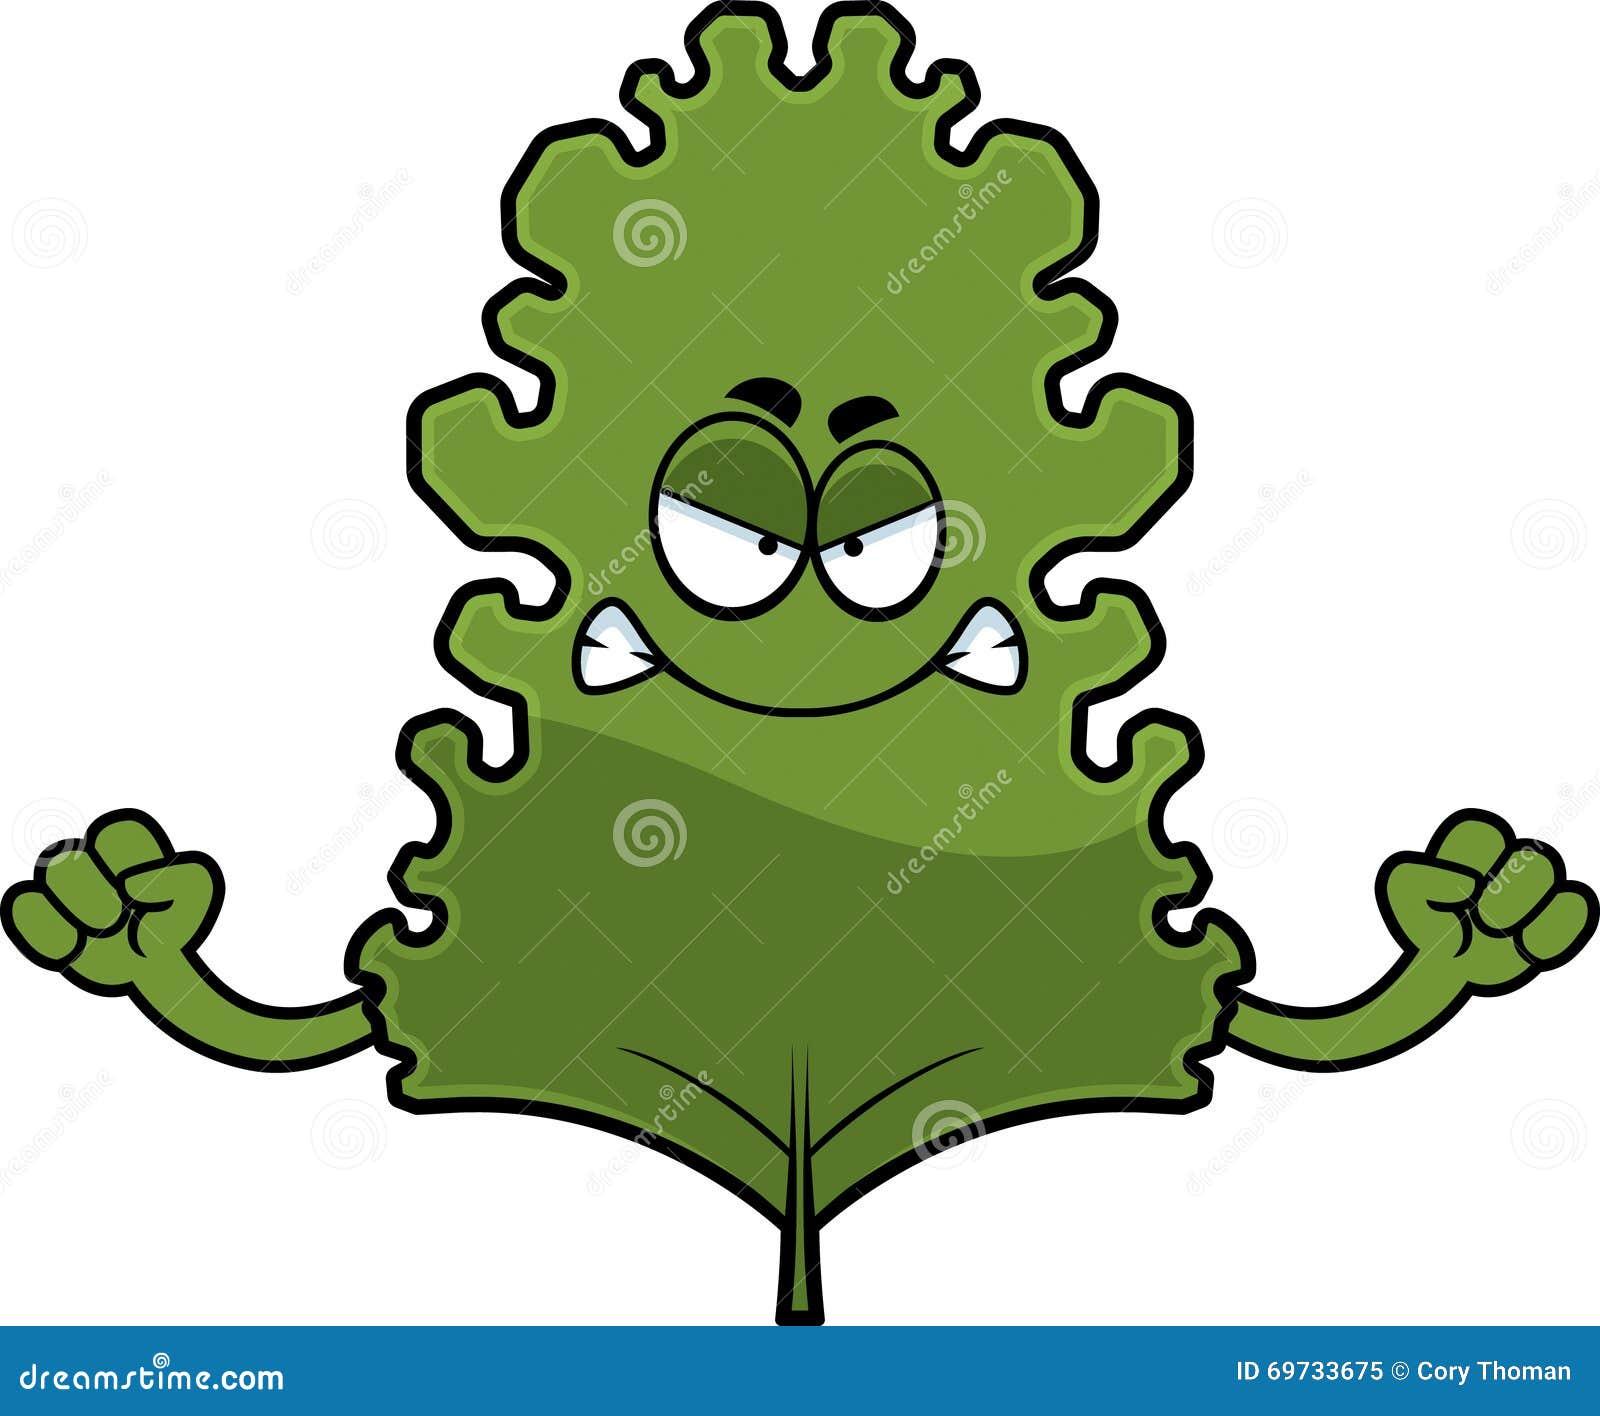 Angry Cartoon Kale Leaf